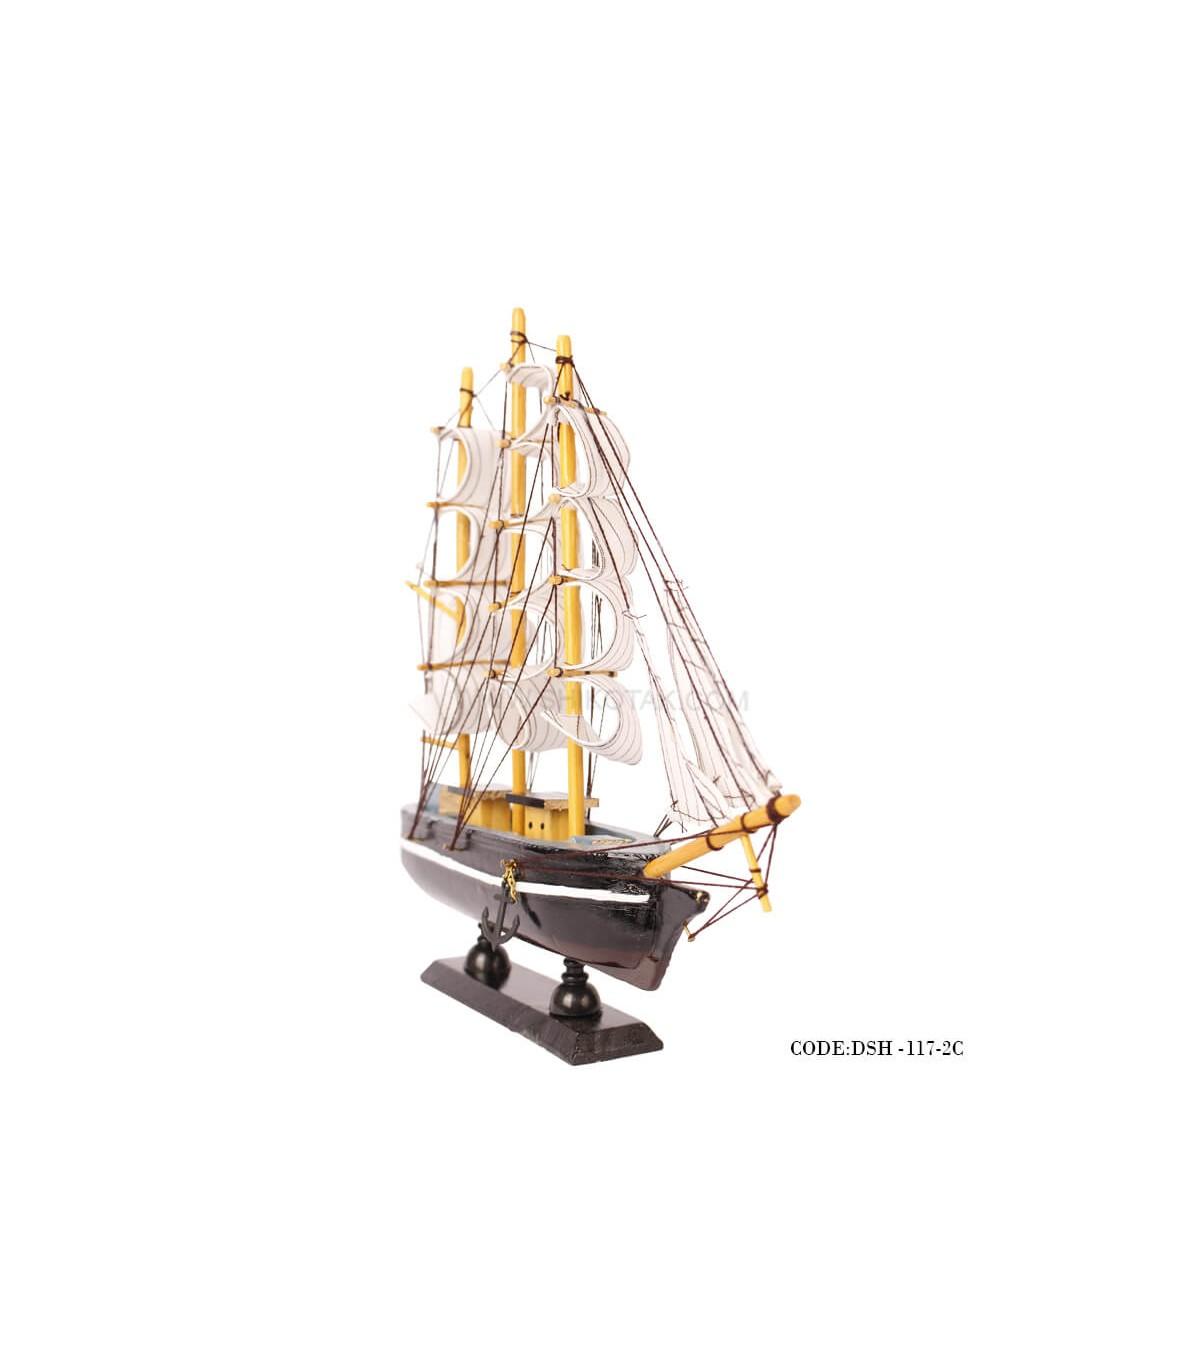 فروش کشتی بادبانی زیبا سری C